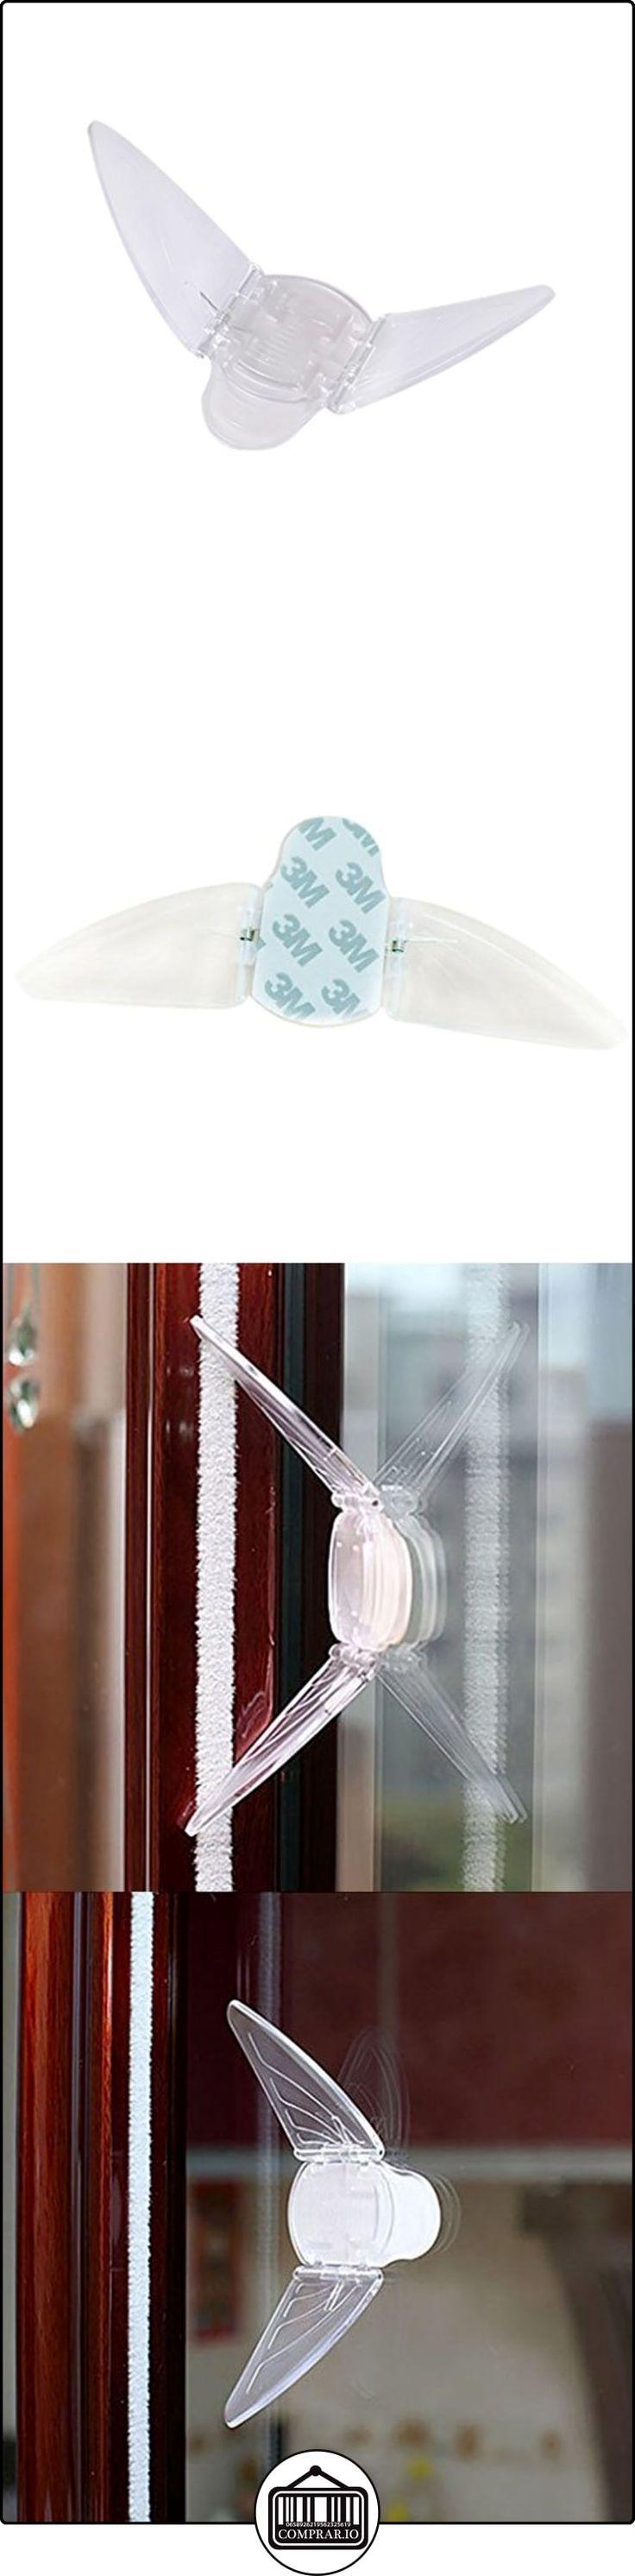 Halovie bloqueo de ventanas cerradura de seguridad del bebé Niños Protector para Ventanas y Puertas con 3M adhesivo 2 paquetes  ✿ Seguridad para tu bebé - (Protege a tus hijos) ✿ ▬► Ver oferta: http://comprar.io/goto/B01N4X2VOR